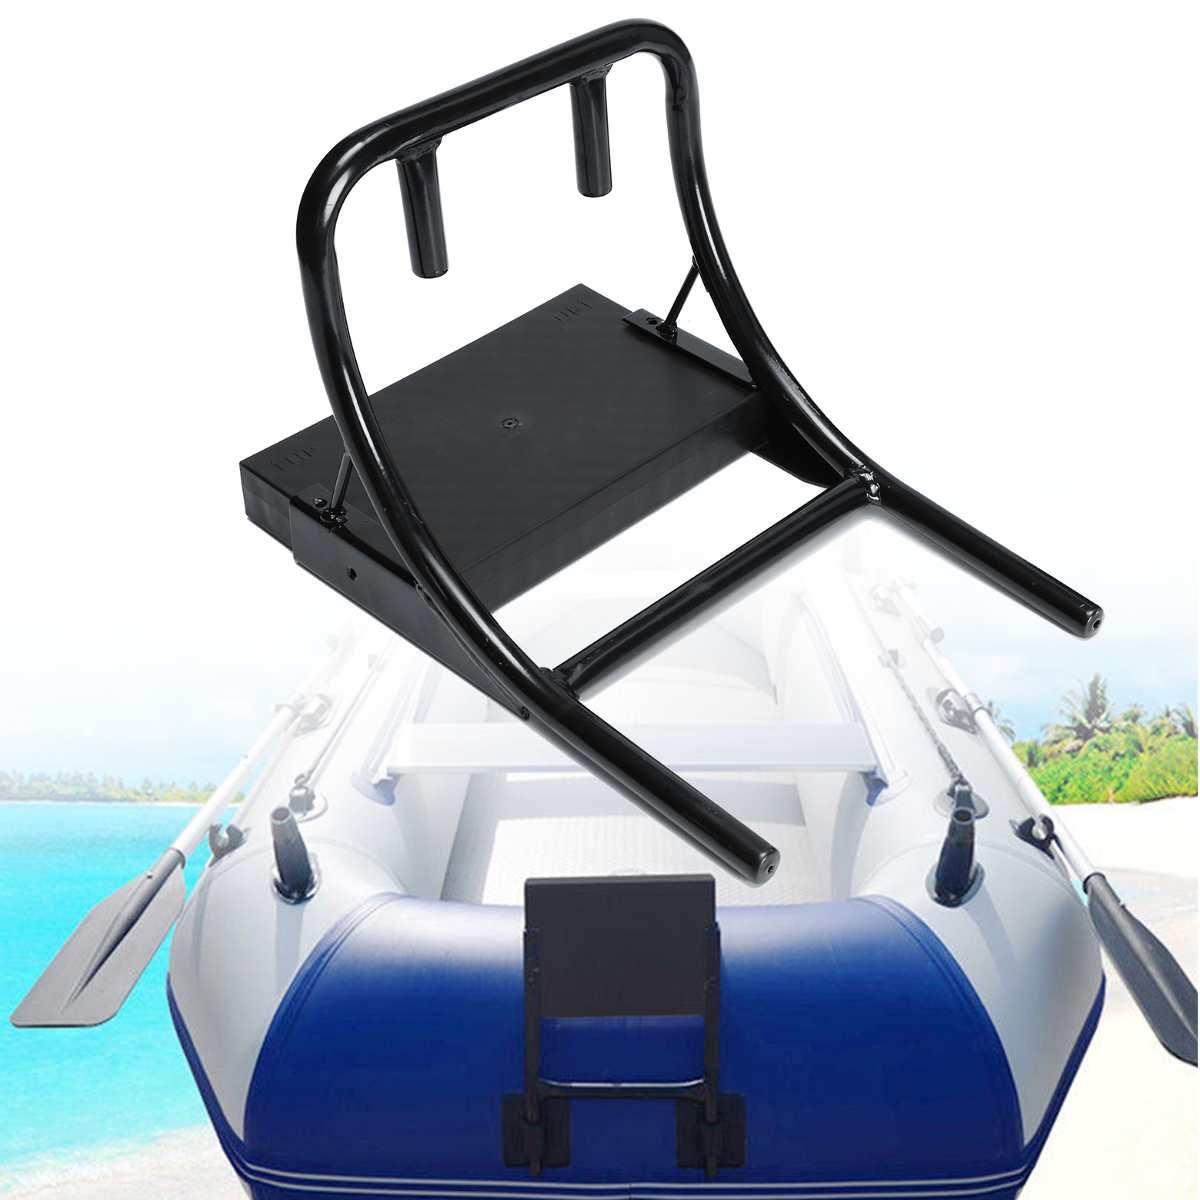 Moteur moteur accrocher Support petit Support pour 1.75/2 M bateau de pêche gonflable bateaux en caoutchouc - 6